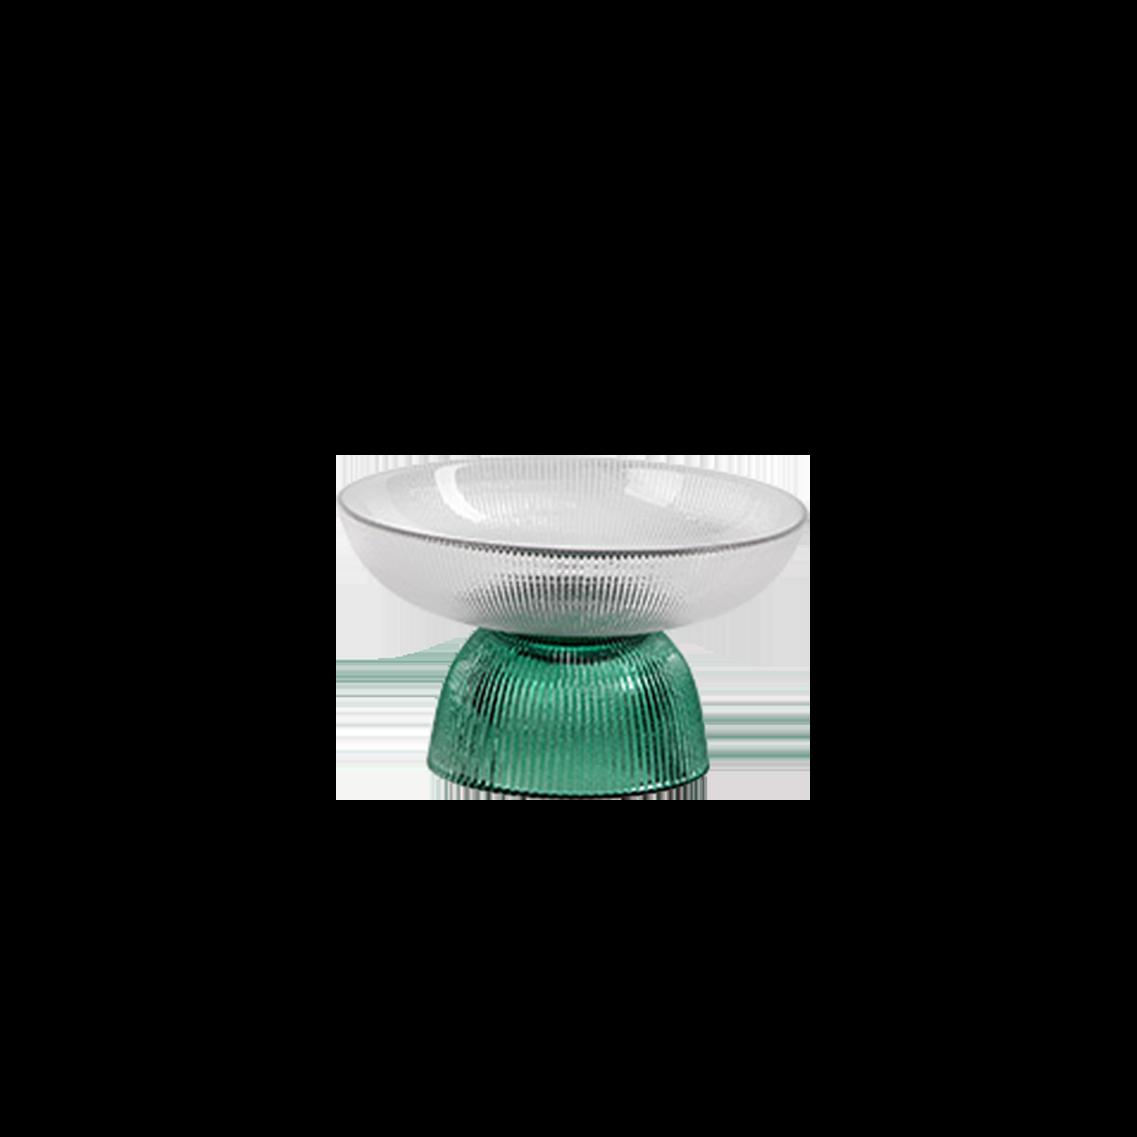 北歐條紋玻璃水果盤(透綠)